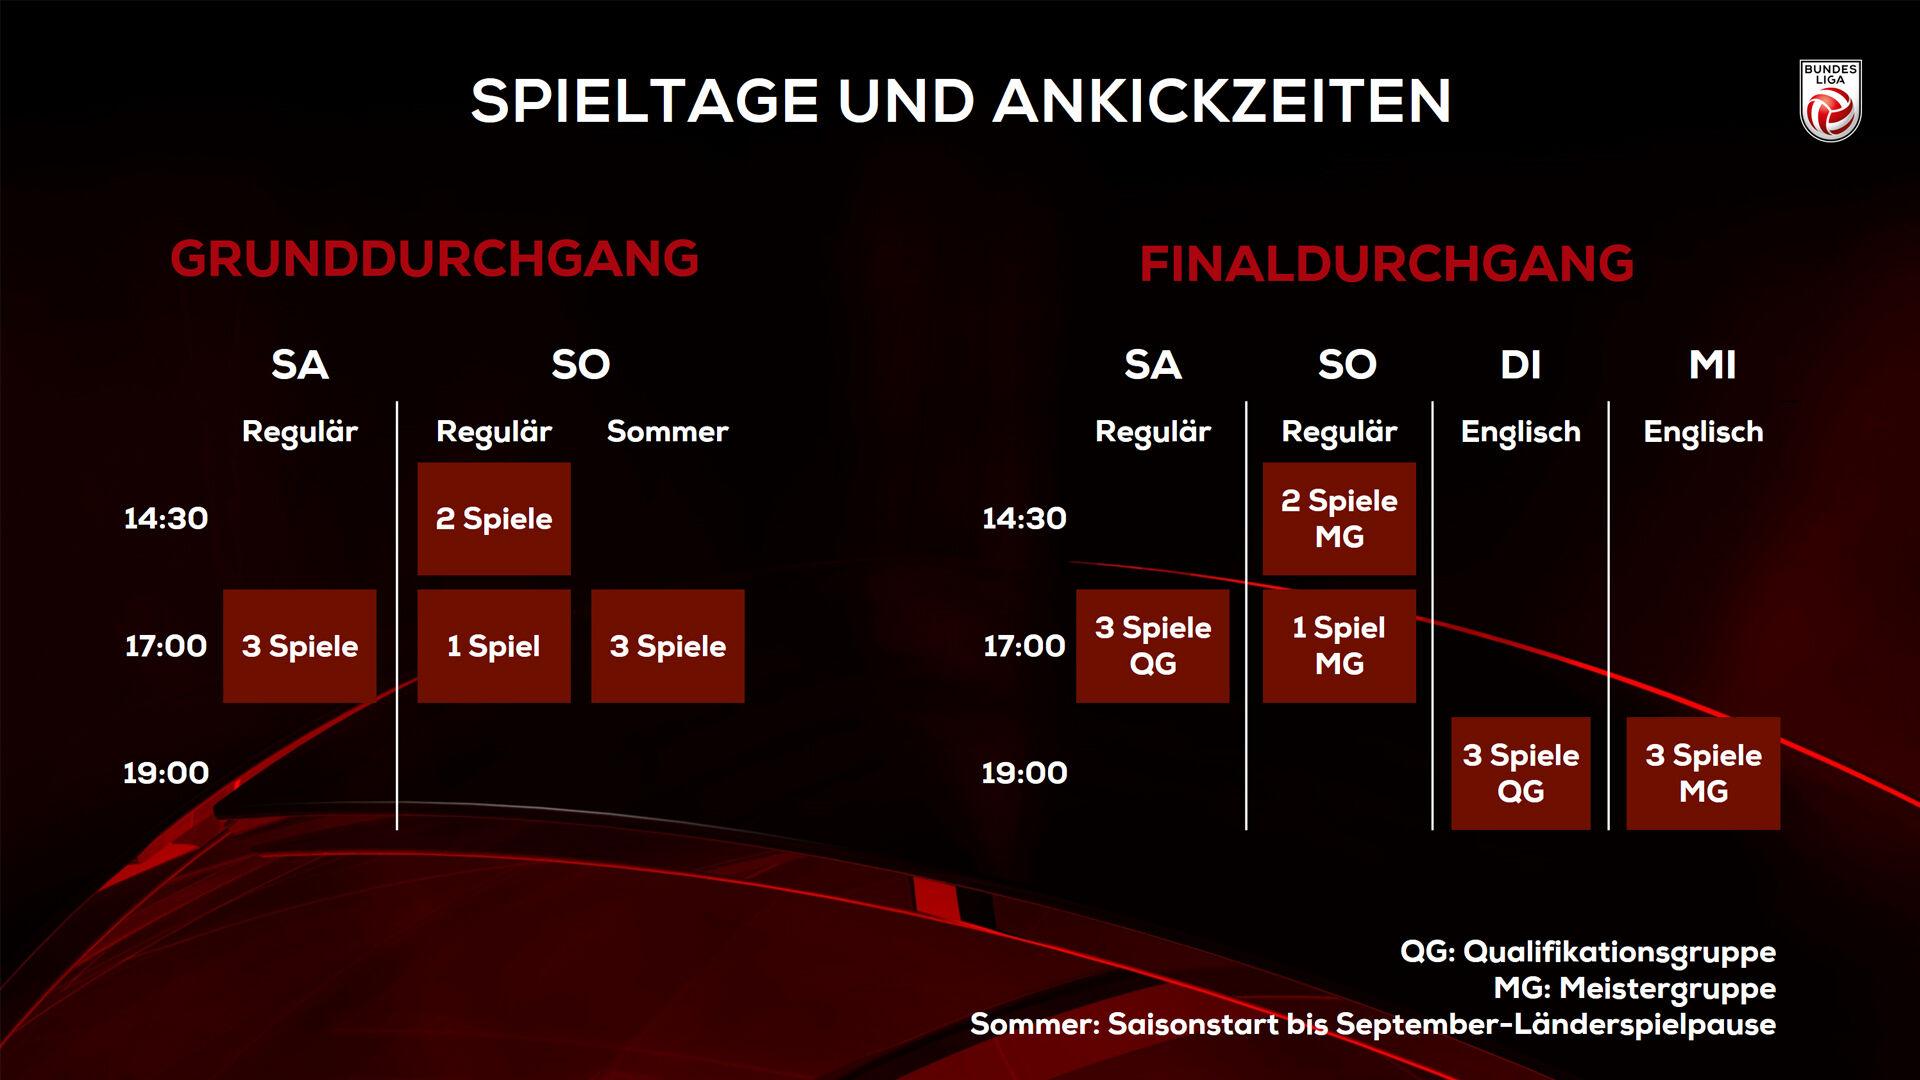 Bundesliga_Ankickzeiten-ab-2018_19_fe8fe